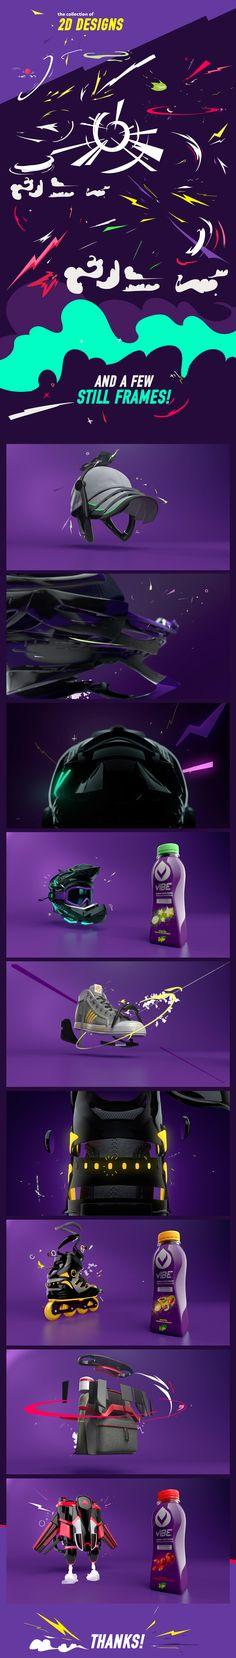 https://www.behance.net/gallery/36005779/VIBE-energy-drink